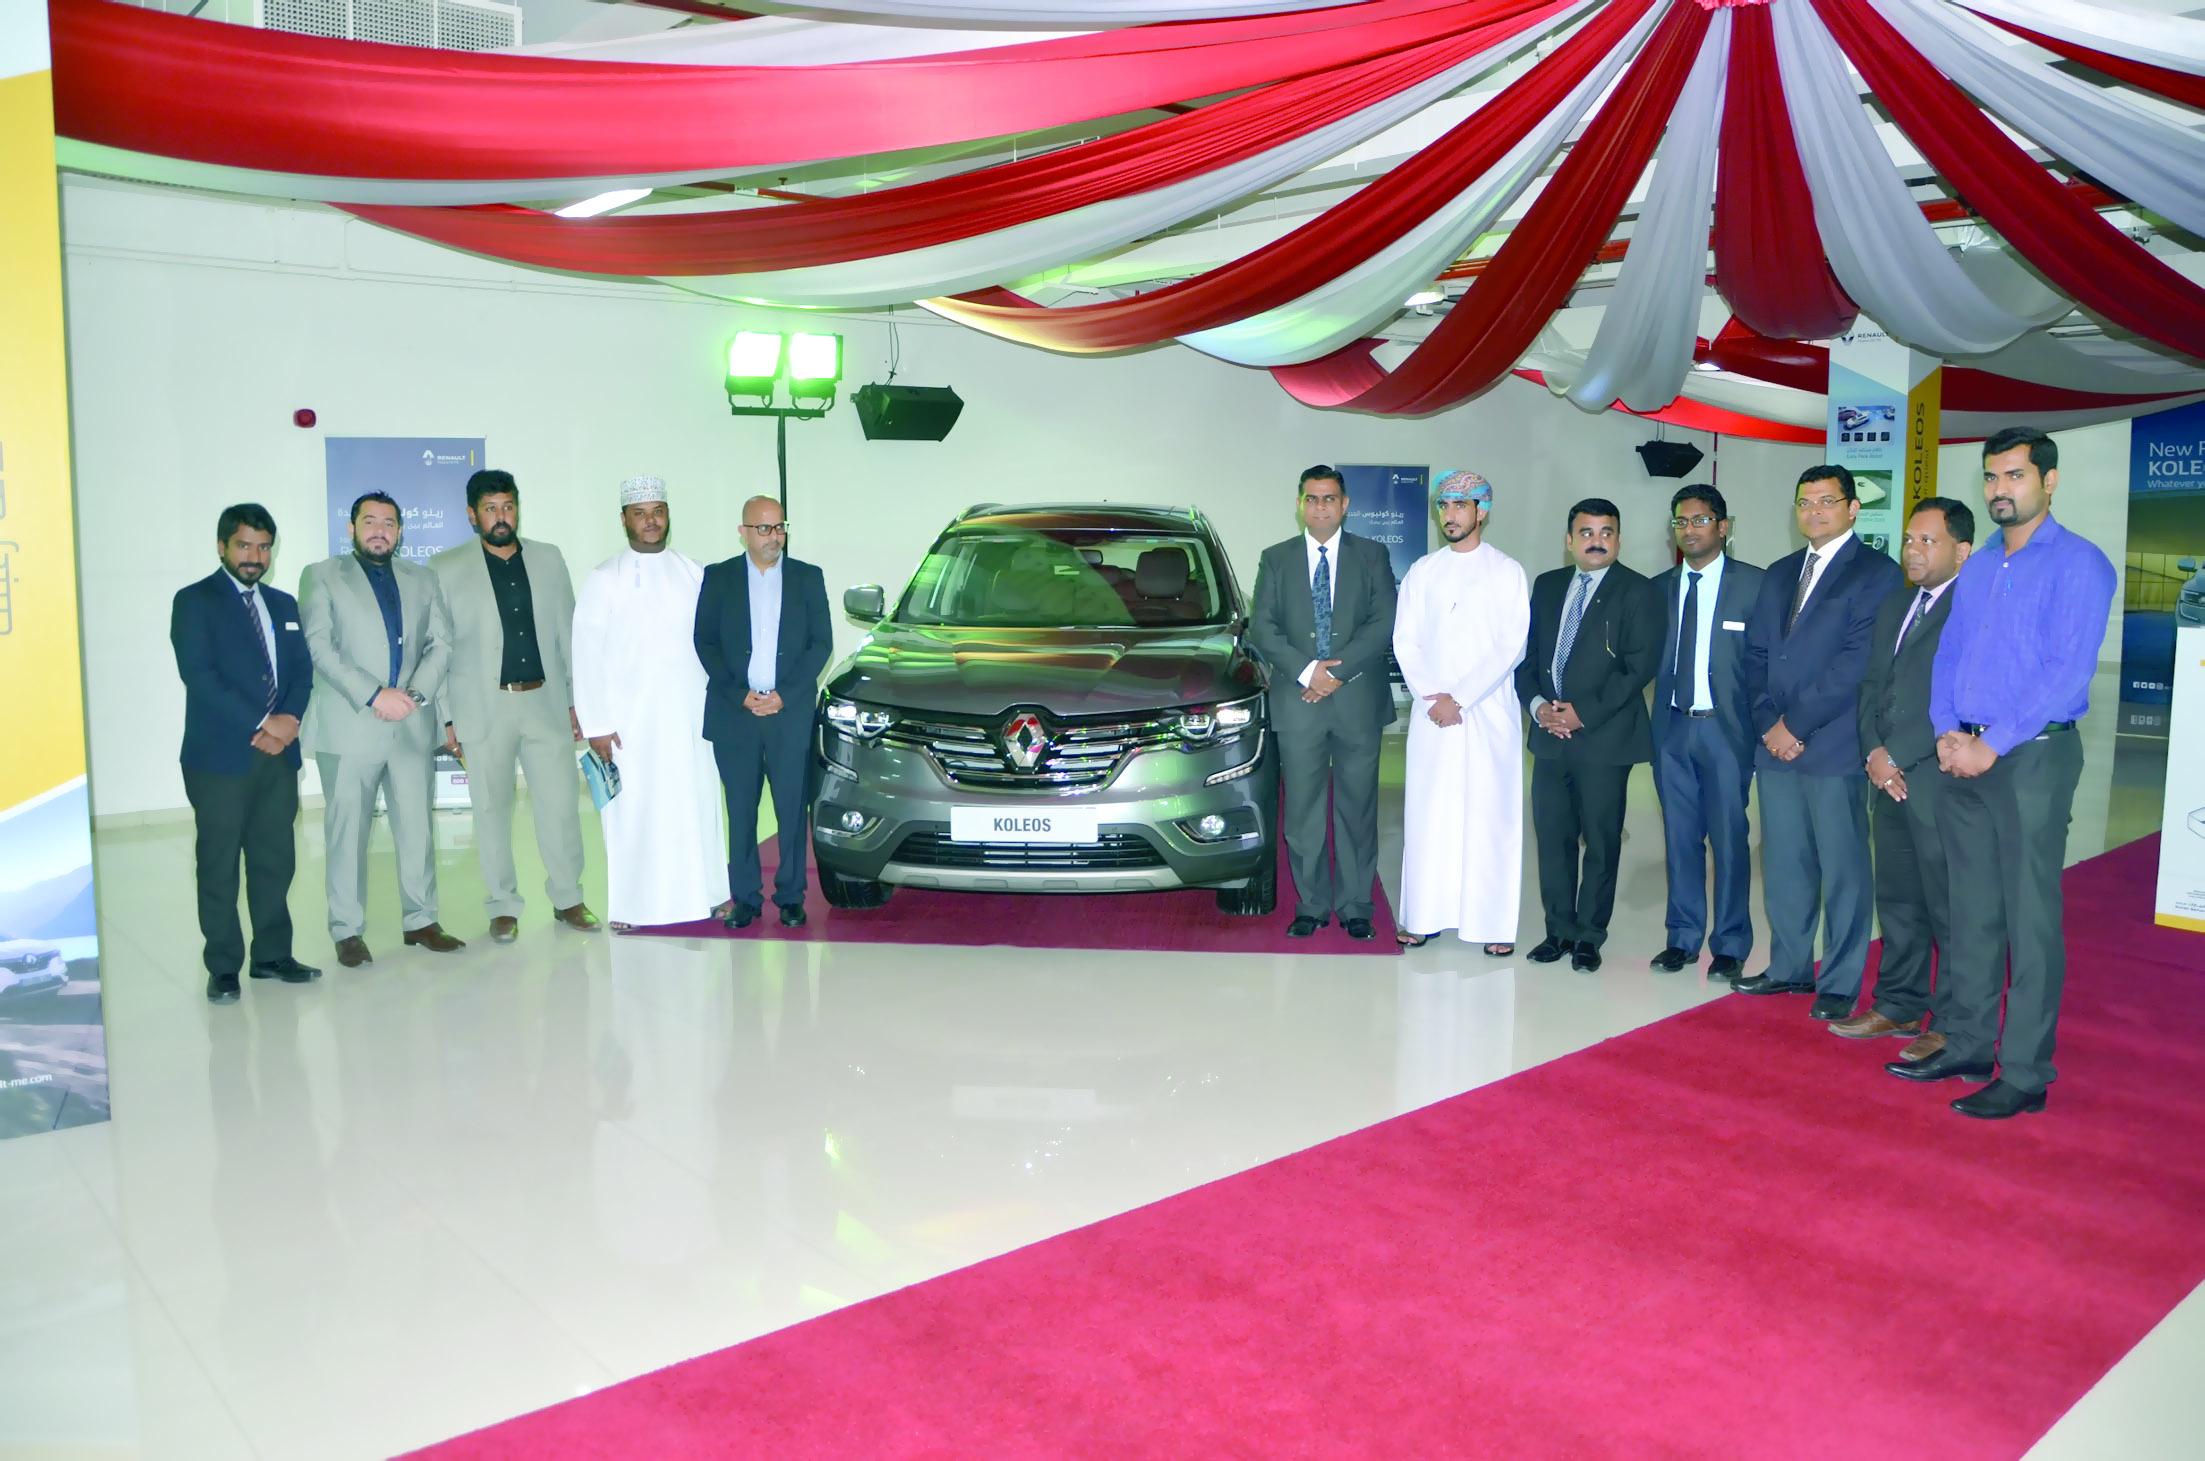 رينو عمان تدشن سيارة كوليوس الجديدة كليا  و المتميزة